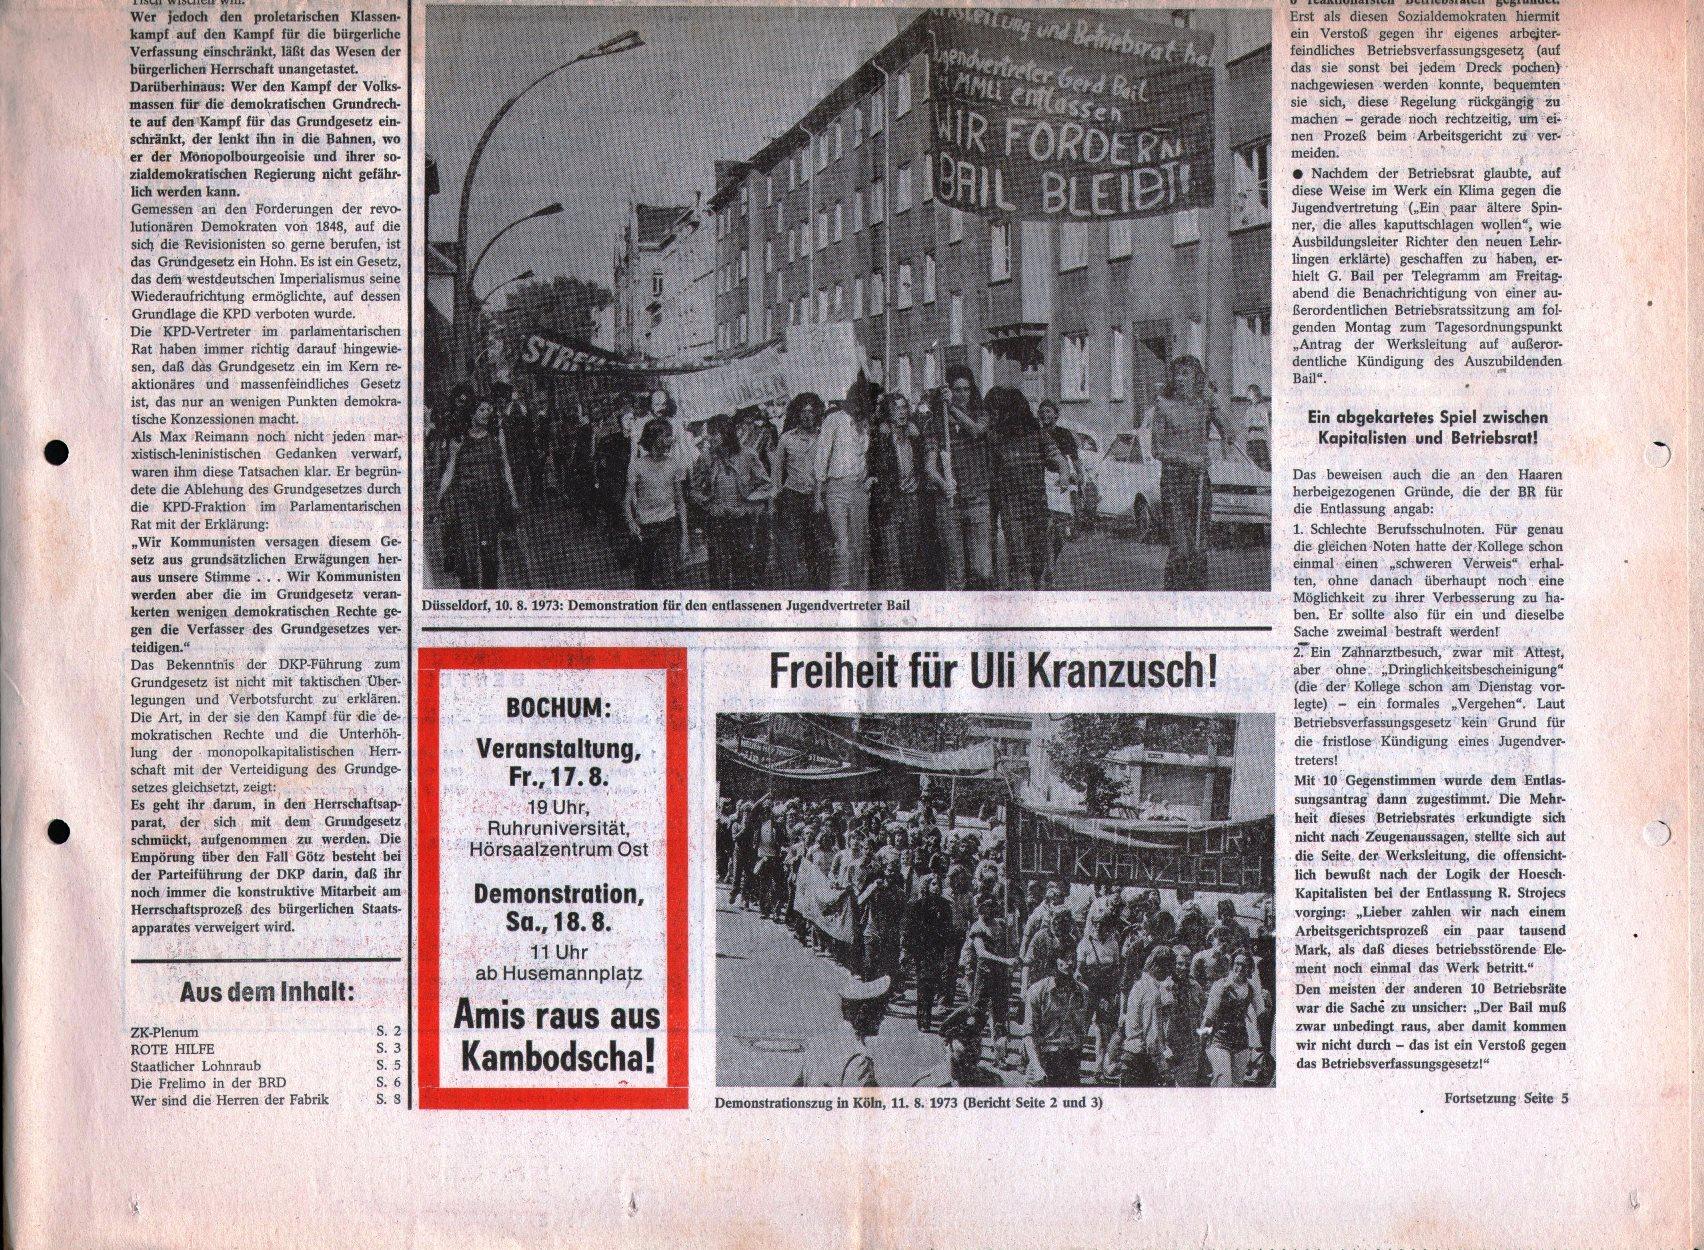 KPD_Rote_Fahne_1973_33_02